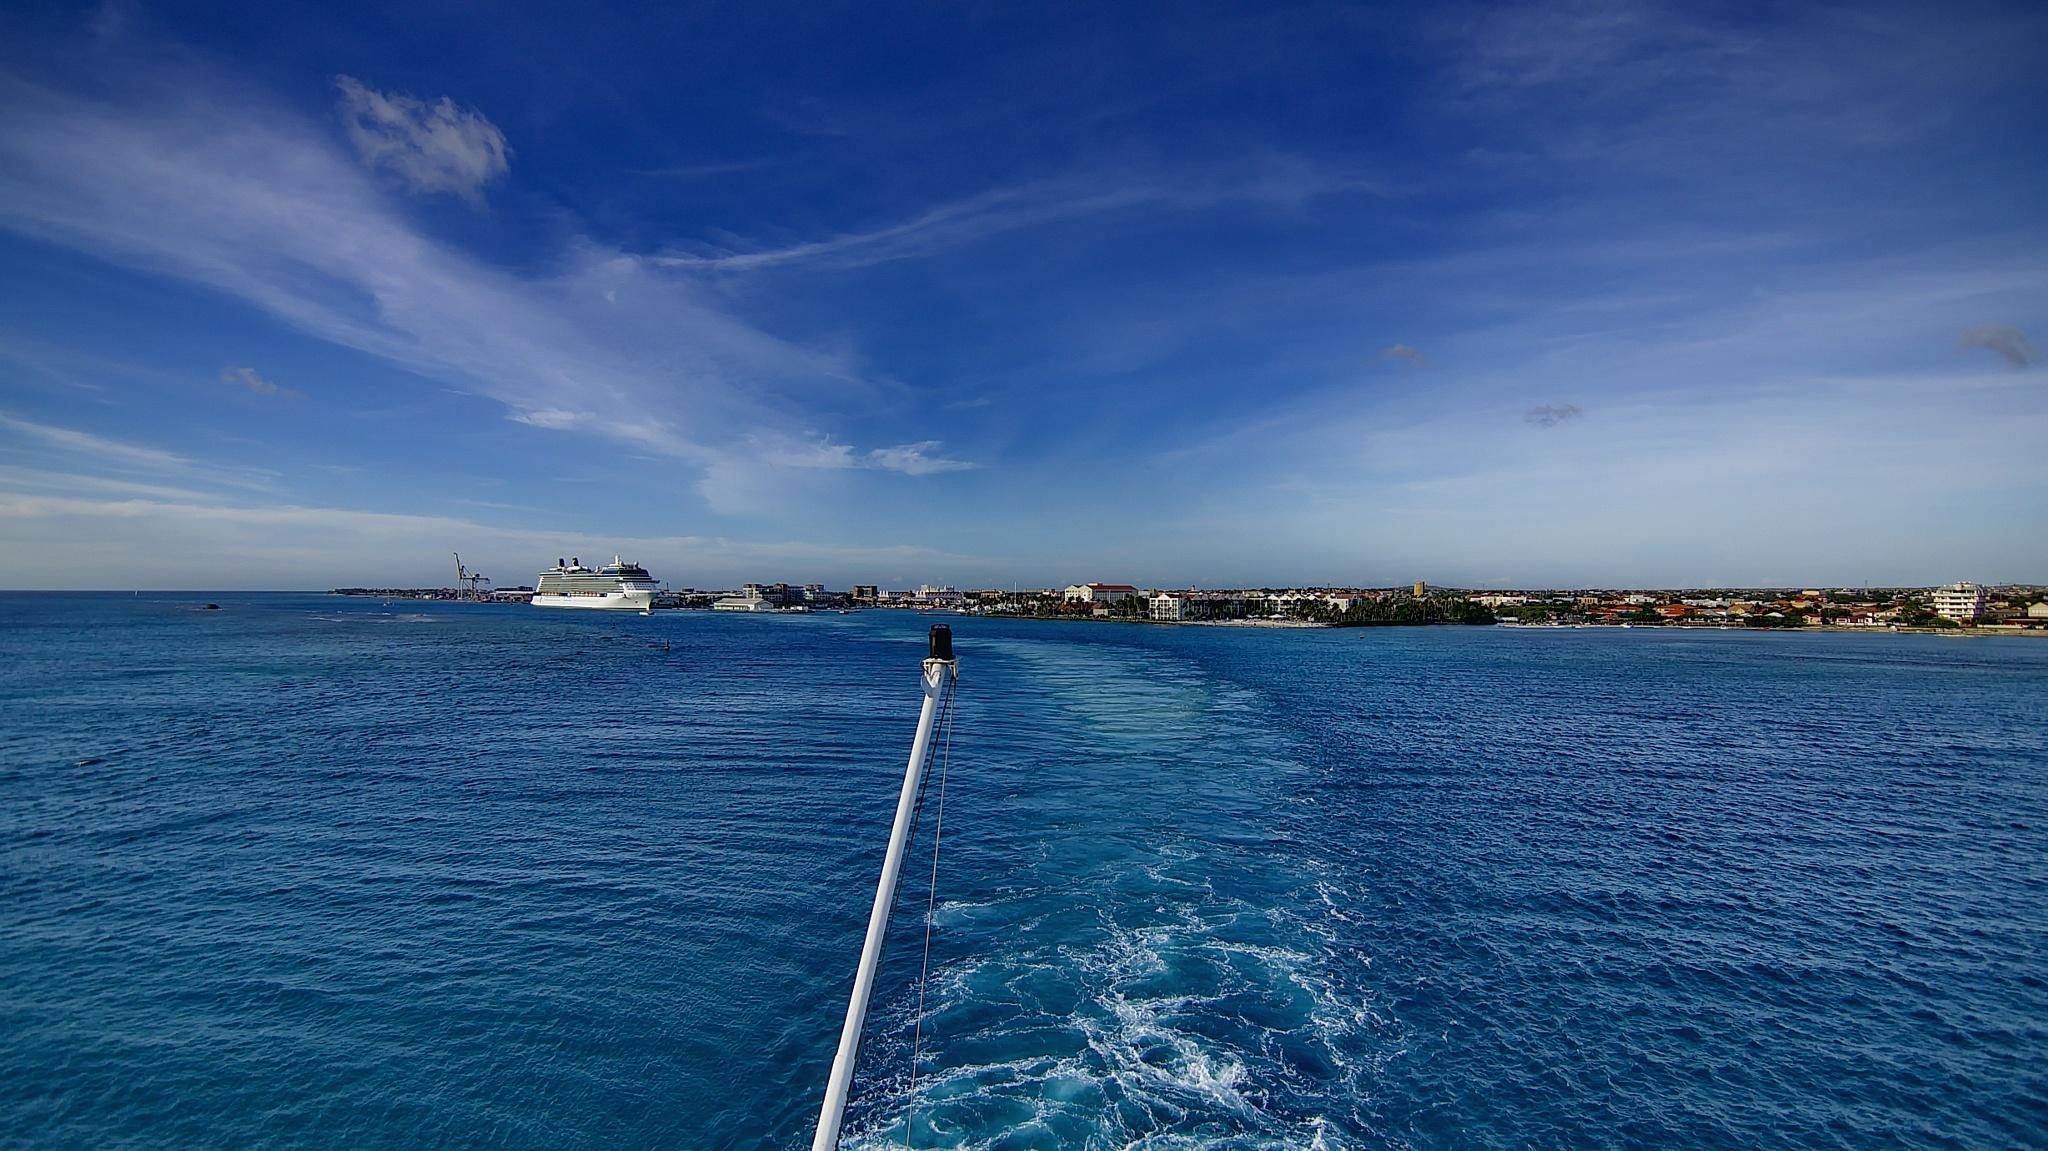 Bye, Bye Aruba by WSimone